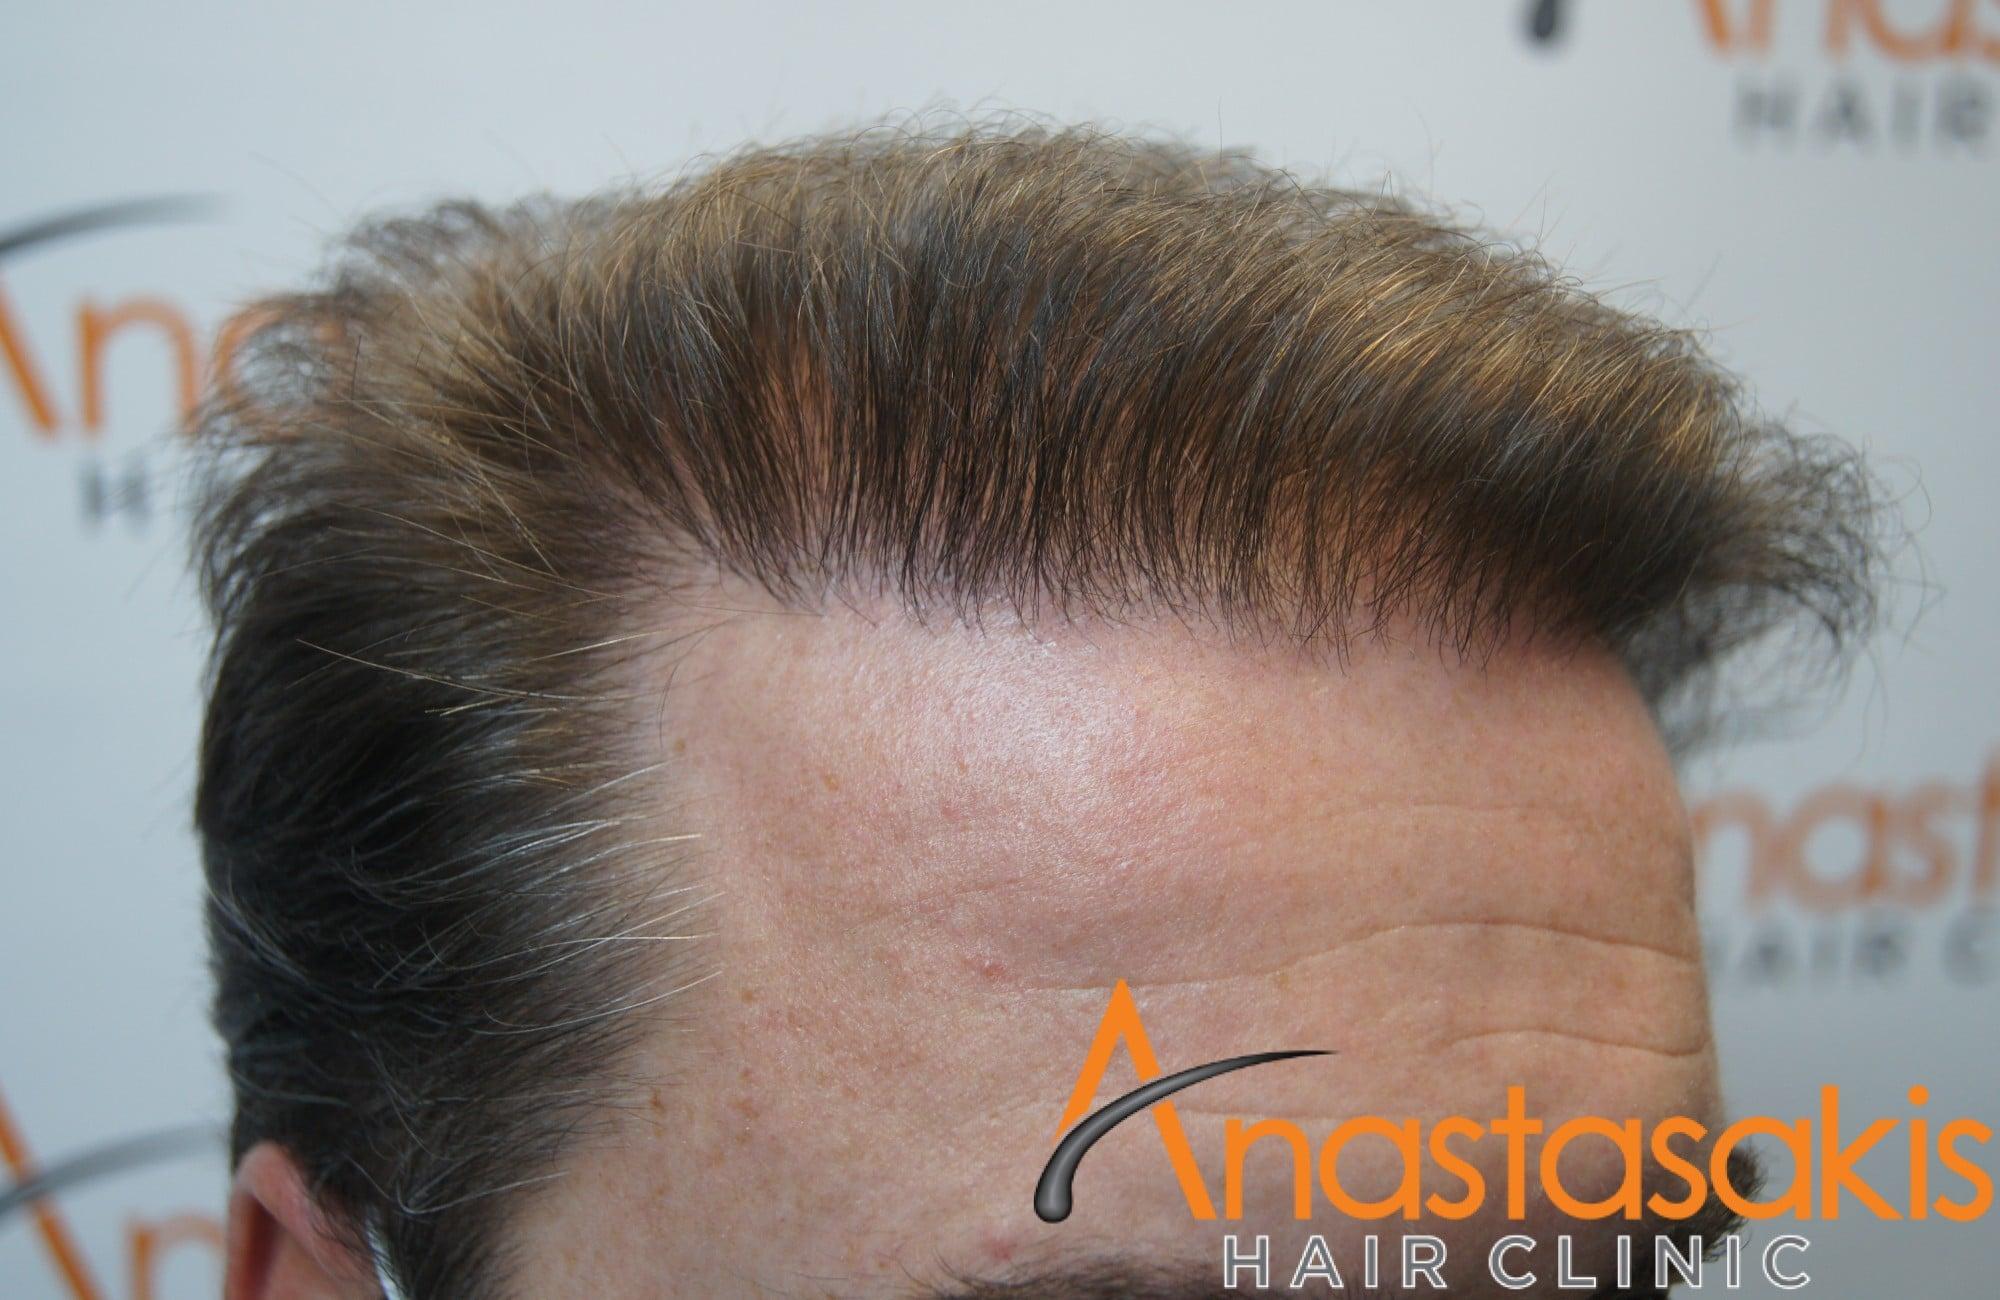 ασθενής μετα τη μεταμόσχευση μαλλιών με fut 3500 fus δεξης κροταφος